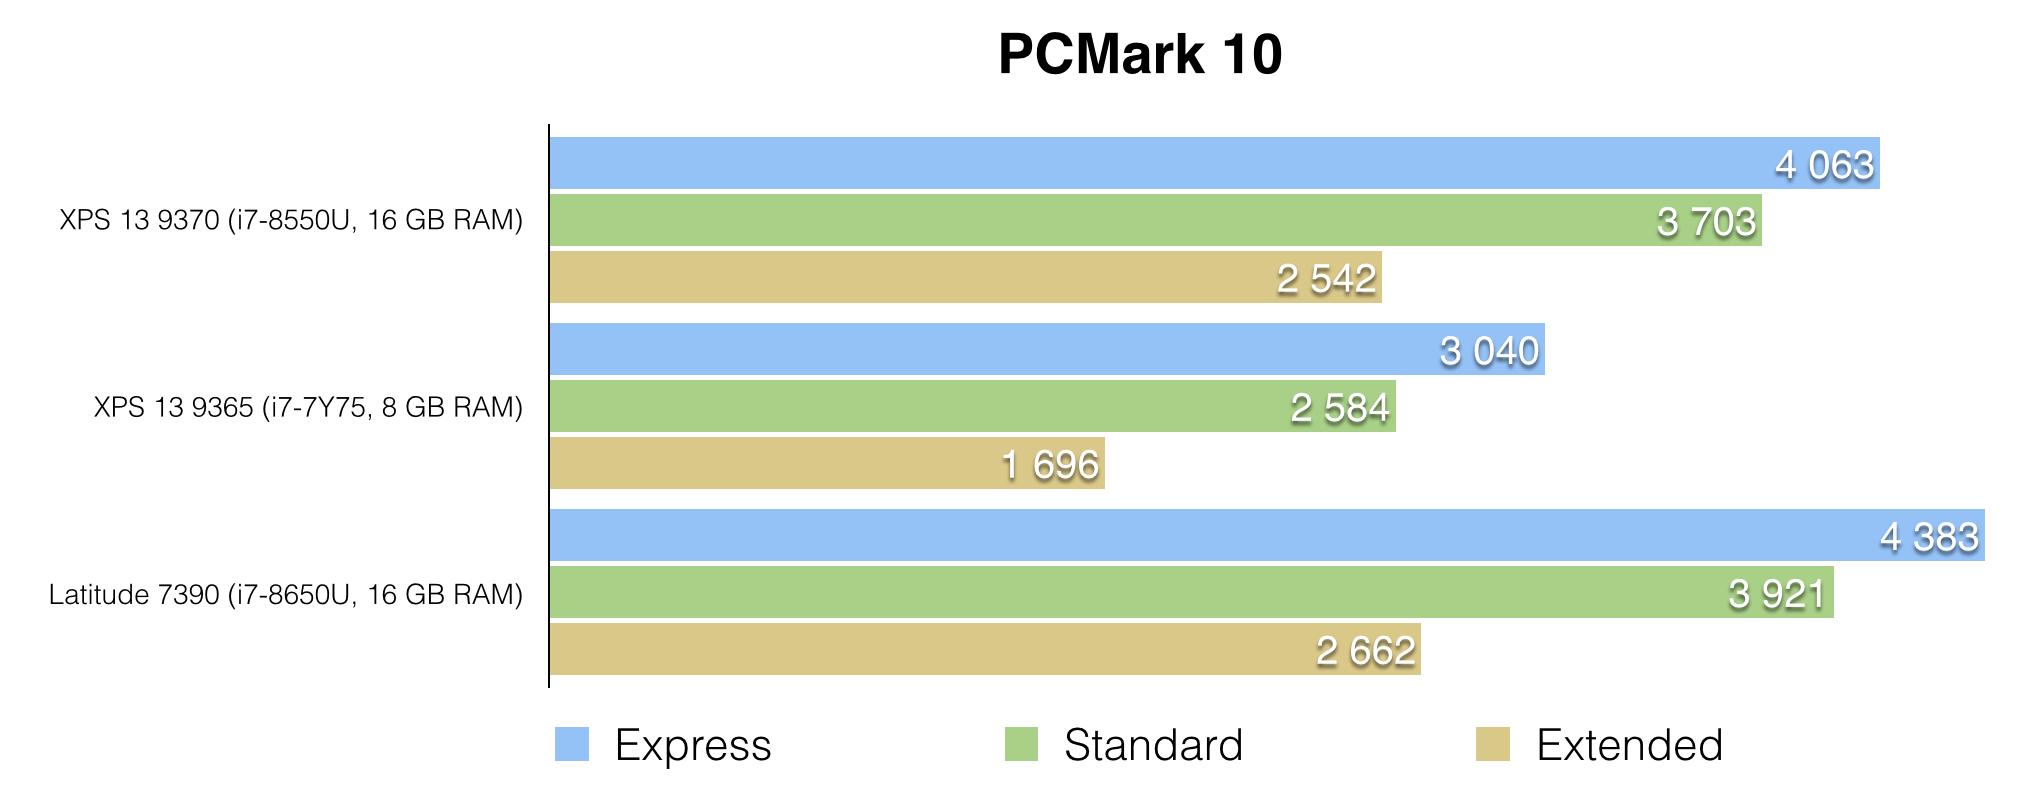 Обзор ноутбука Dell XPS 13 9370: лёгкий, красивый, быстрый - 15